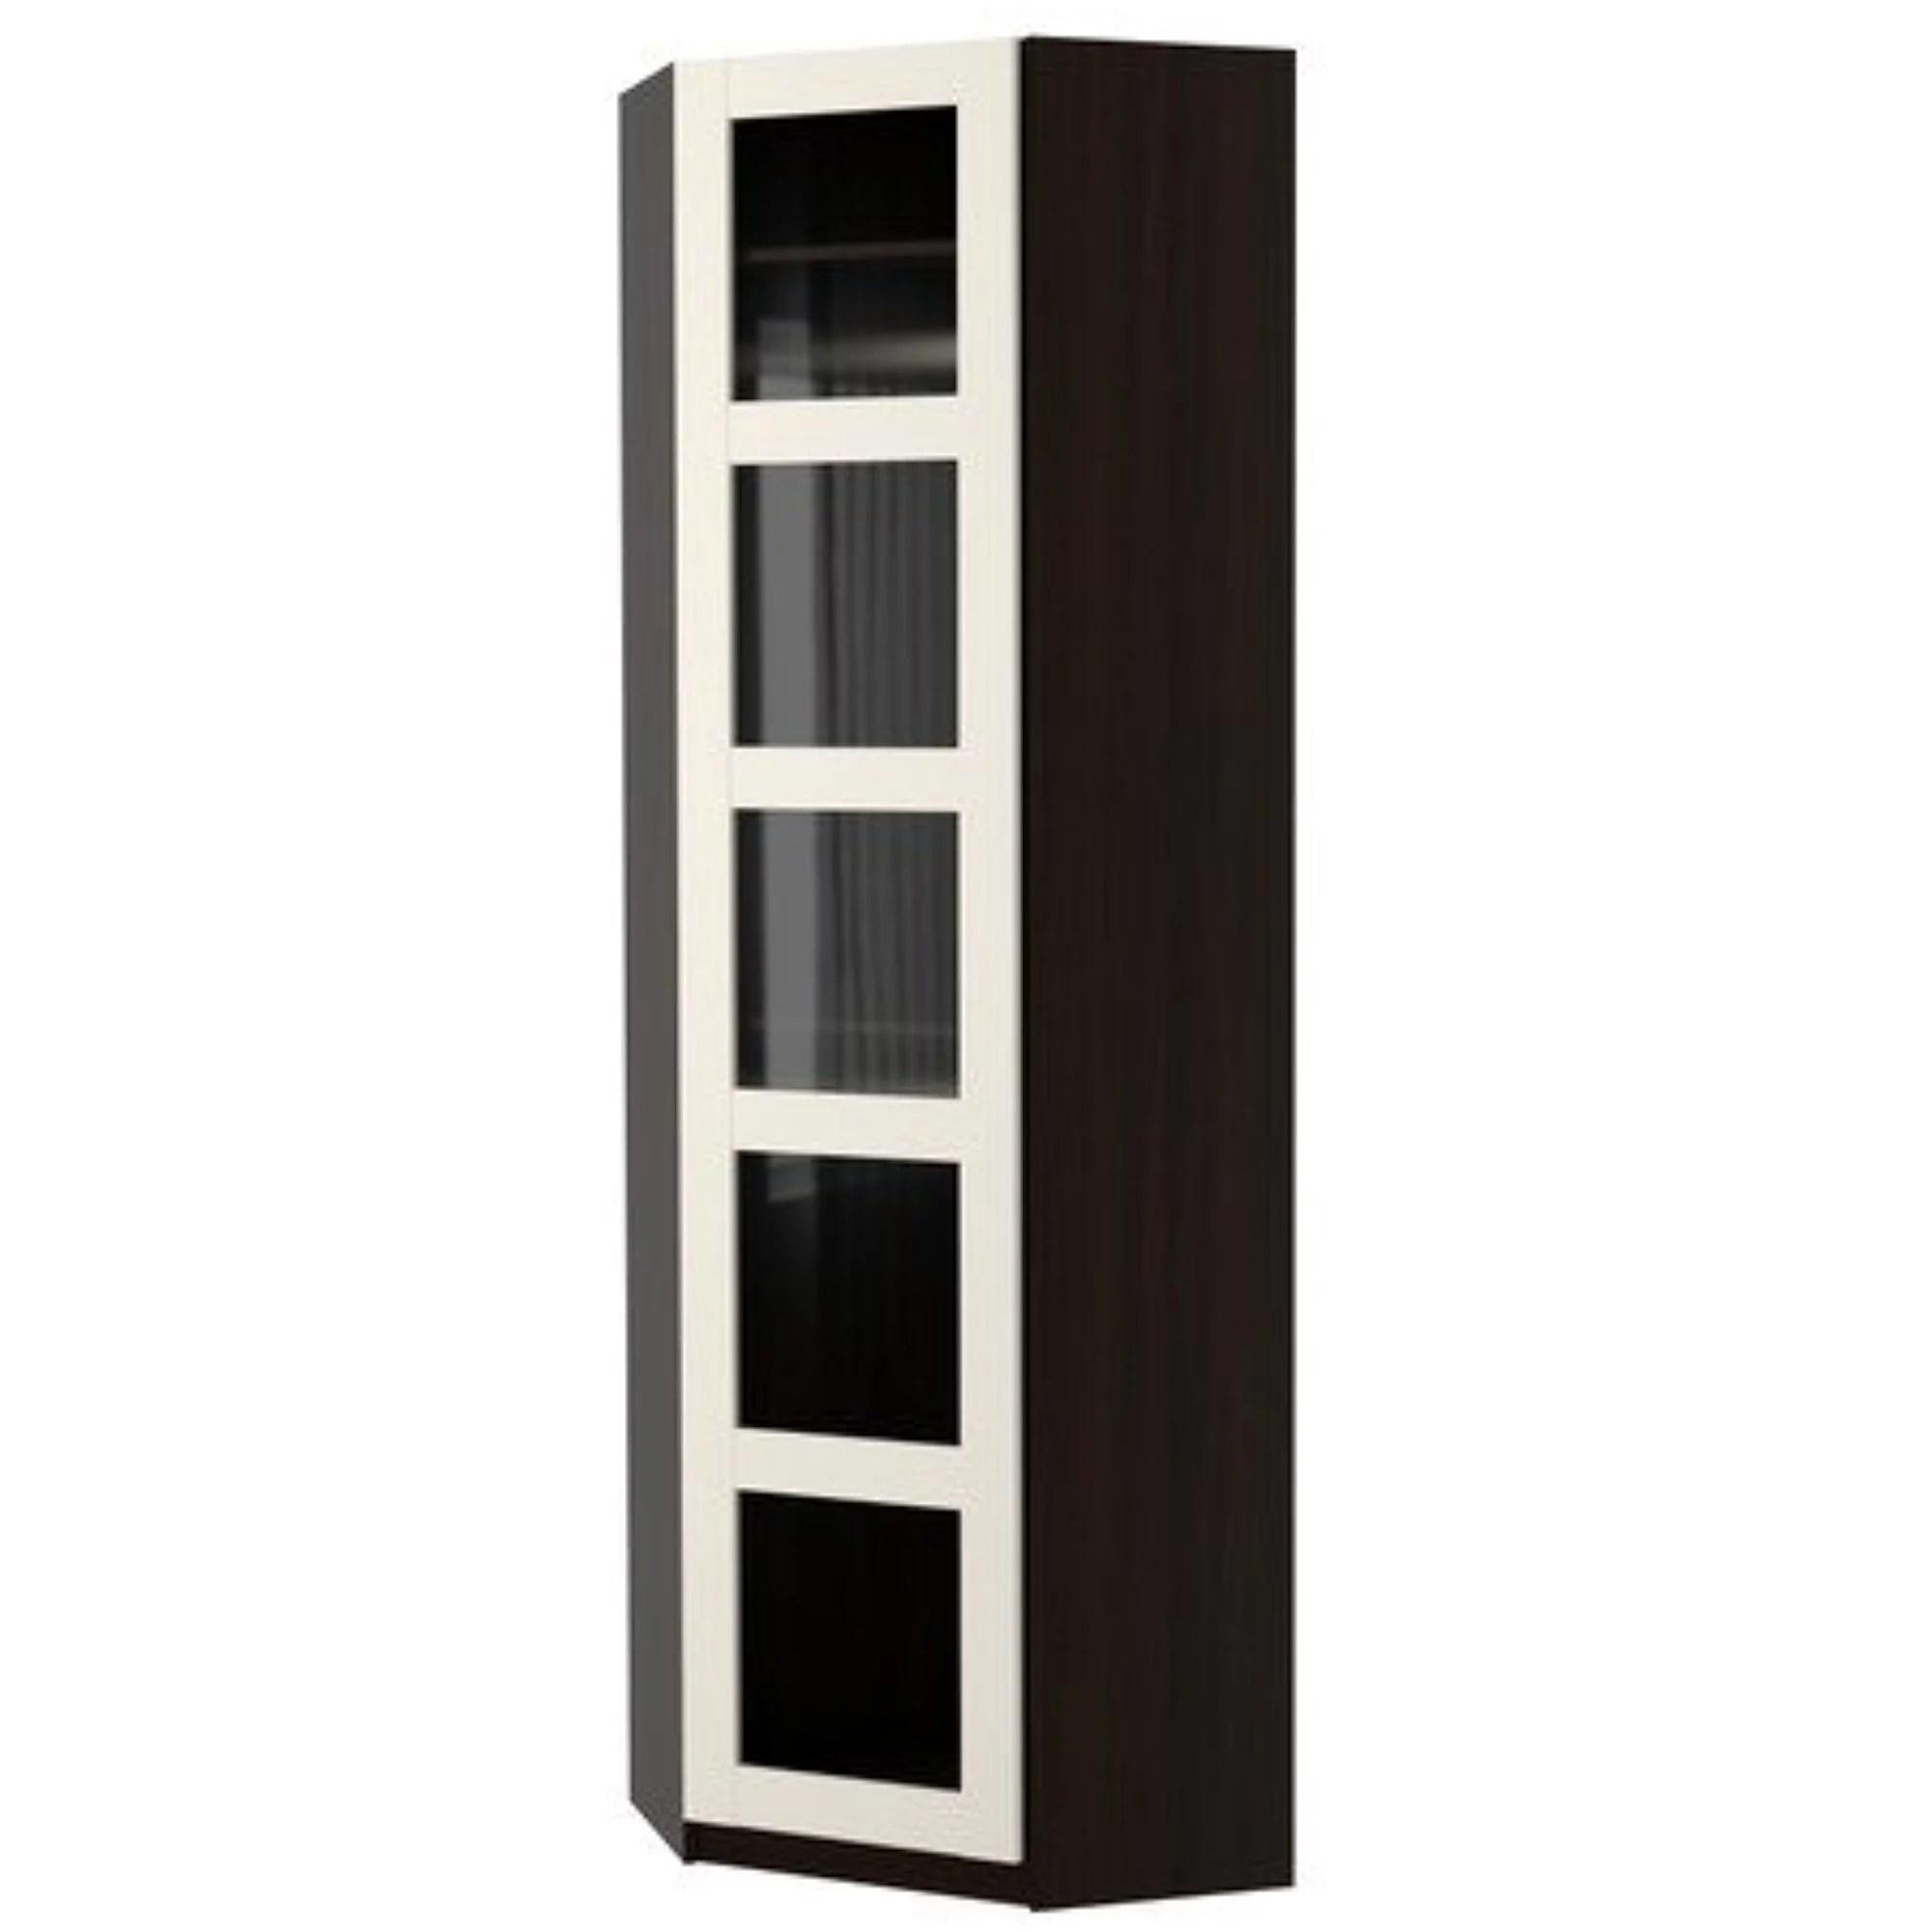 Ikea Garderobekast Pax Bergsbo.Ikea Wardrobe Black Furniture Brimnes Wardrobe With 3 Doors Black